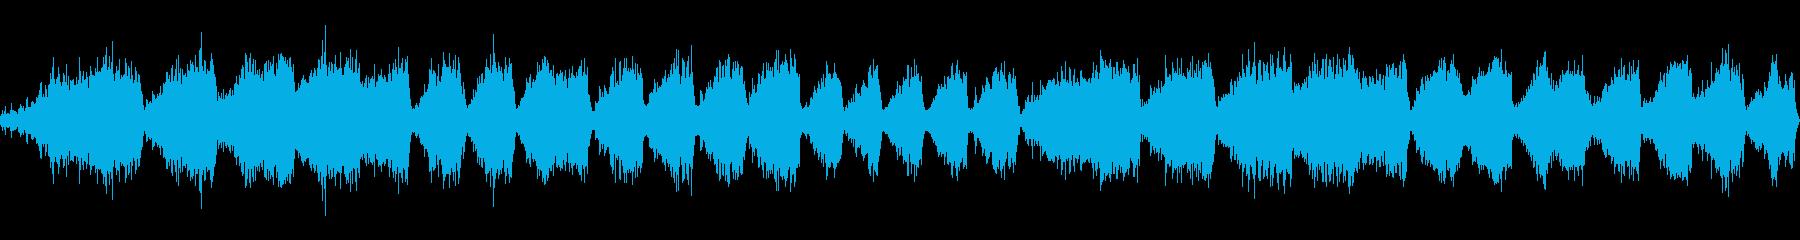 水と鳥の声を使った瞑想用BGMの再生済みの波形